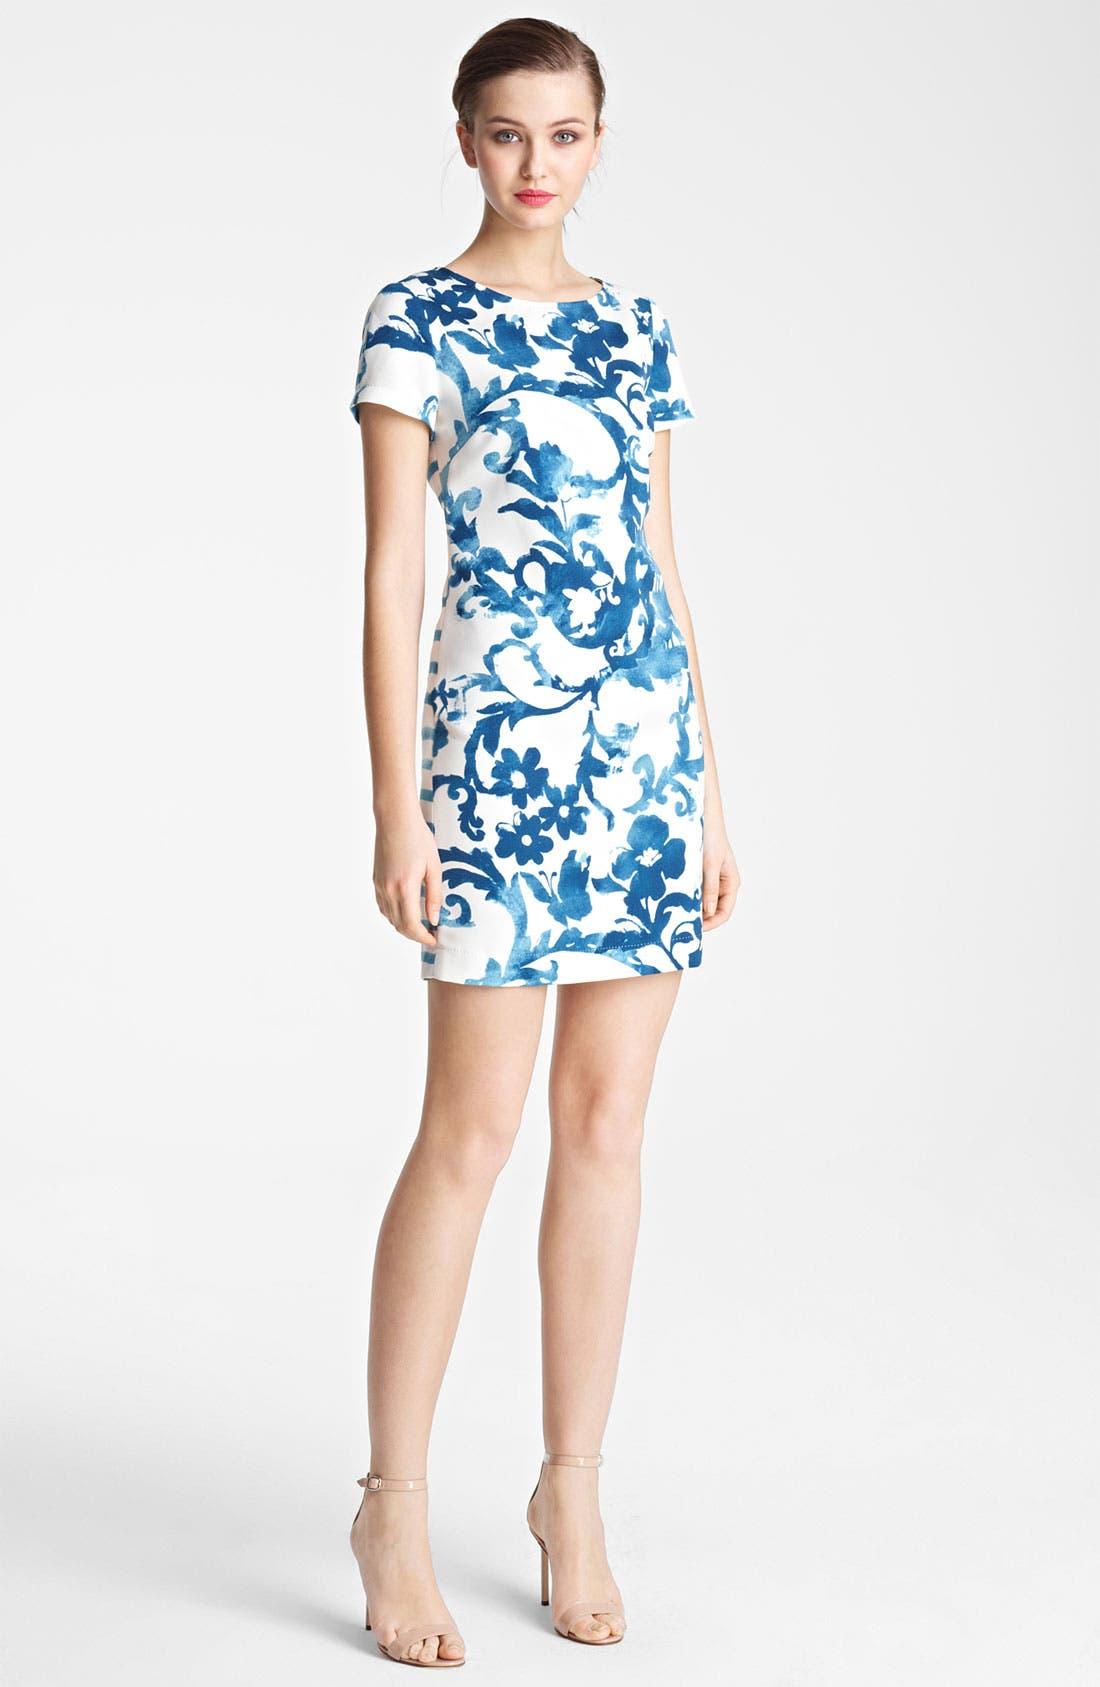 Main Image - Moschino Cheap & Chic Mix Print Dress